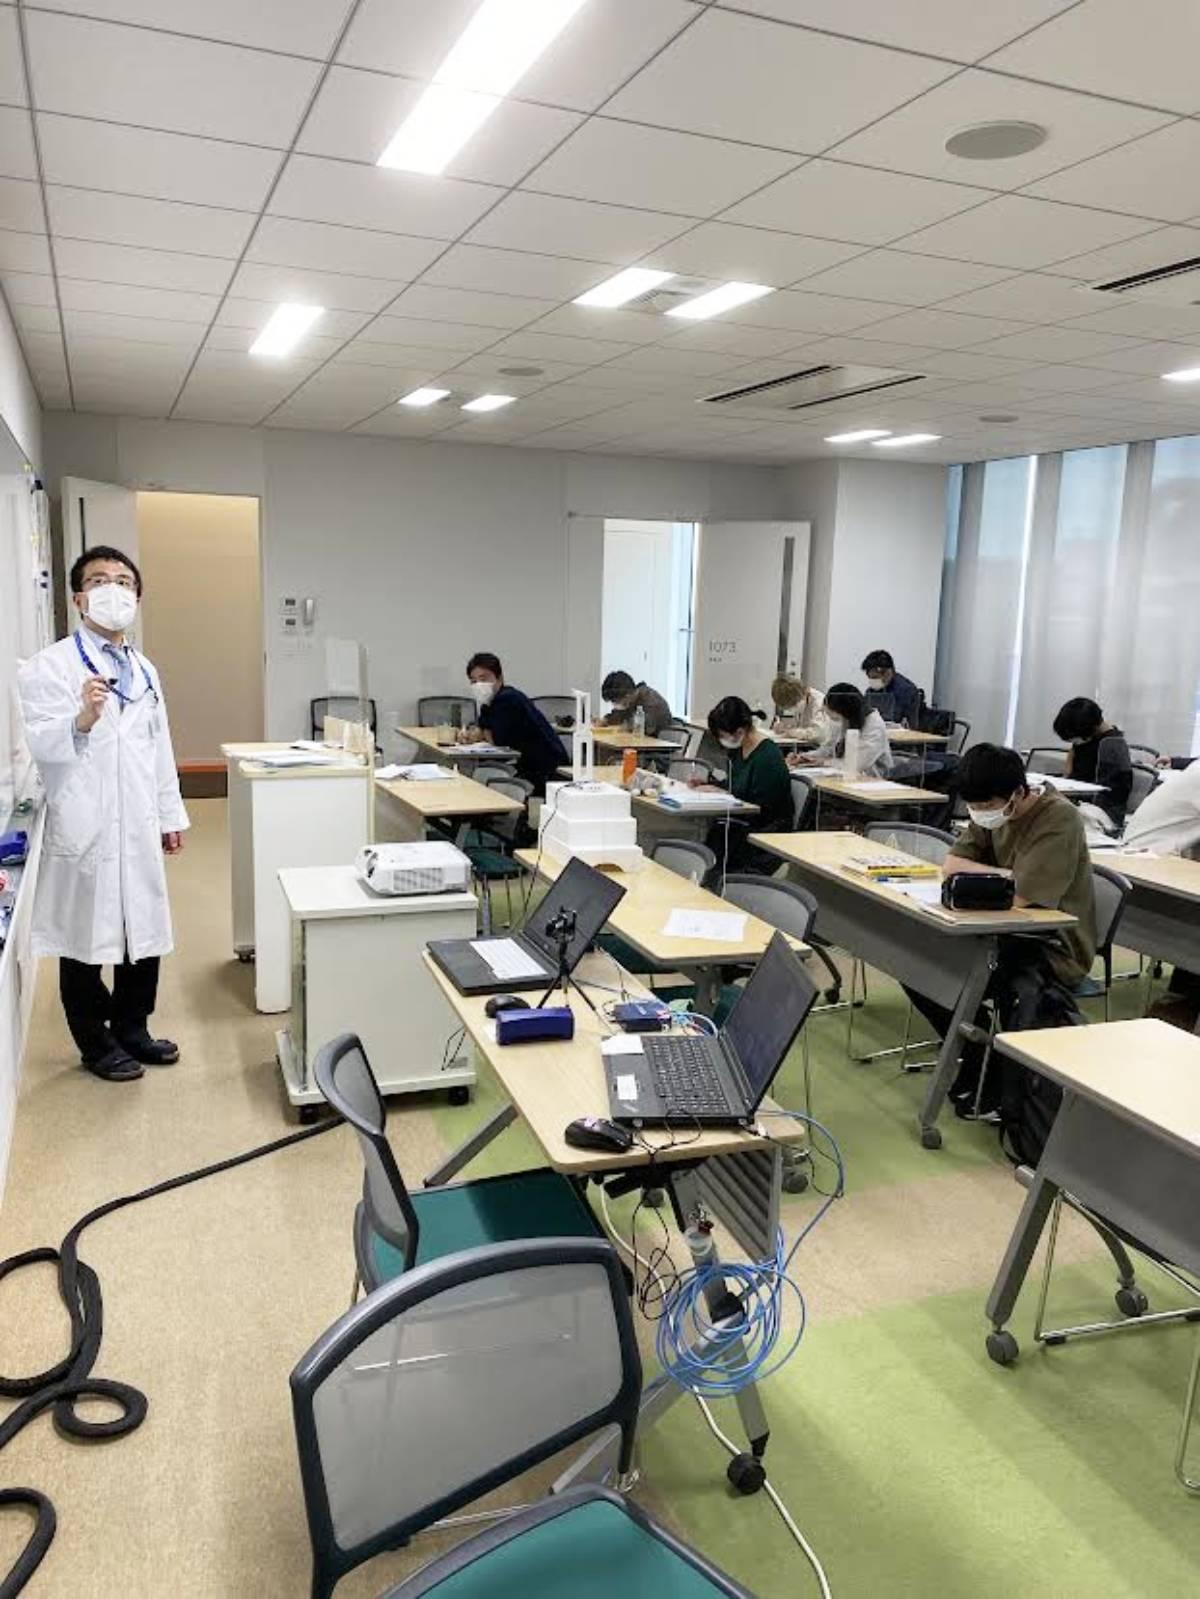 臨床工学科では感染症対策を徹底して授業を行っています。